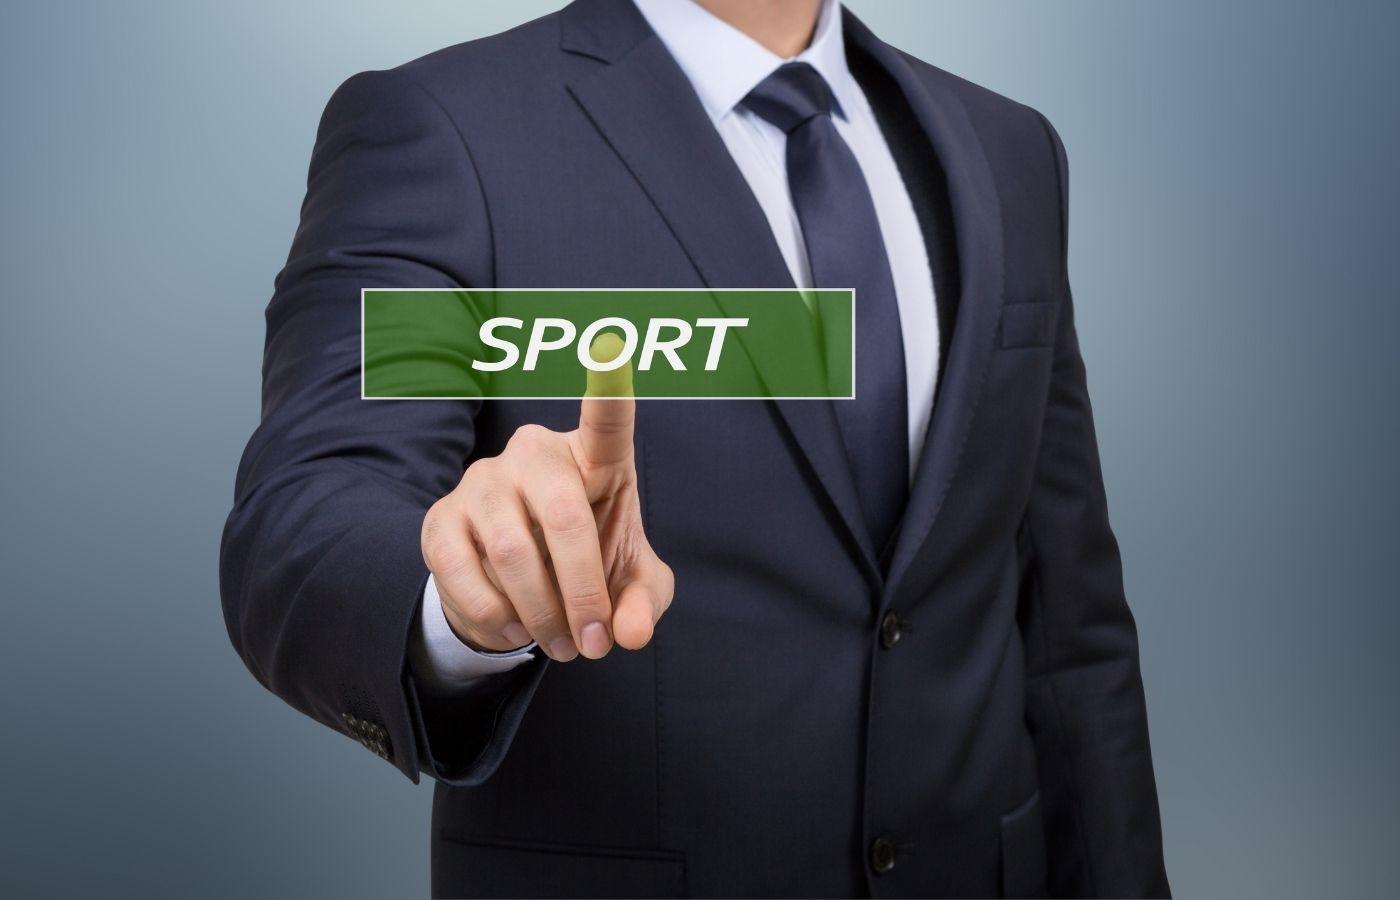 3 zprávy ze světa sportovního byznysu | Sportbiz